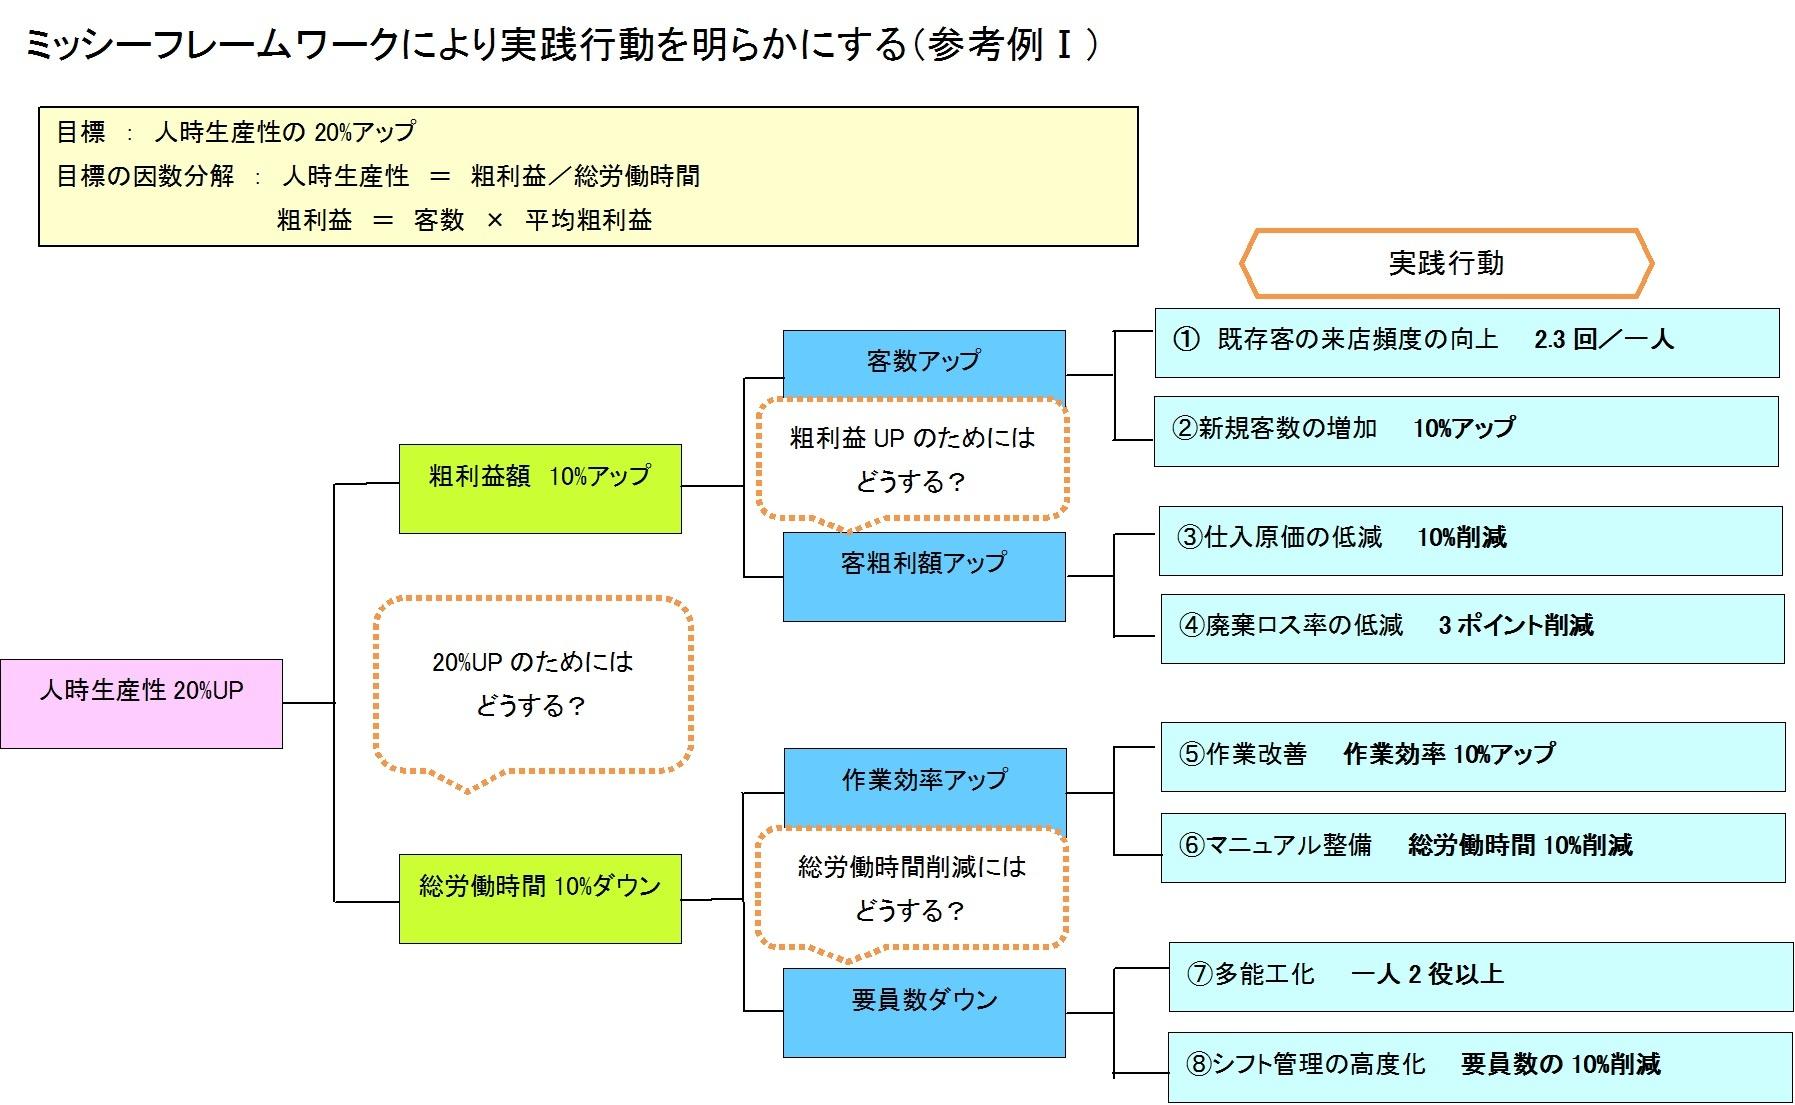 ミッシーフレームワークによる実践行動を明らかにする(参考例1)